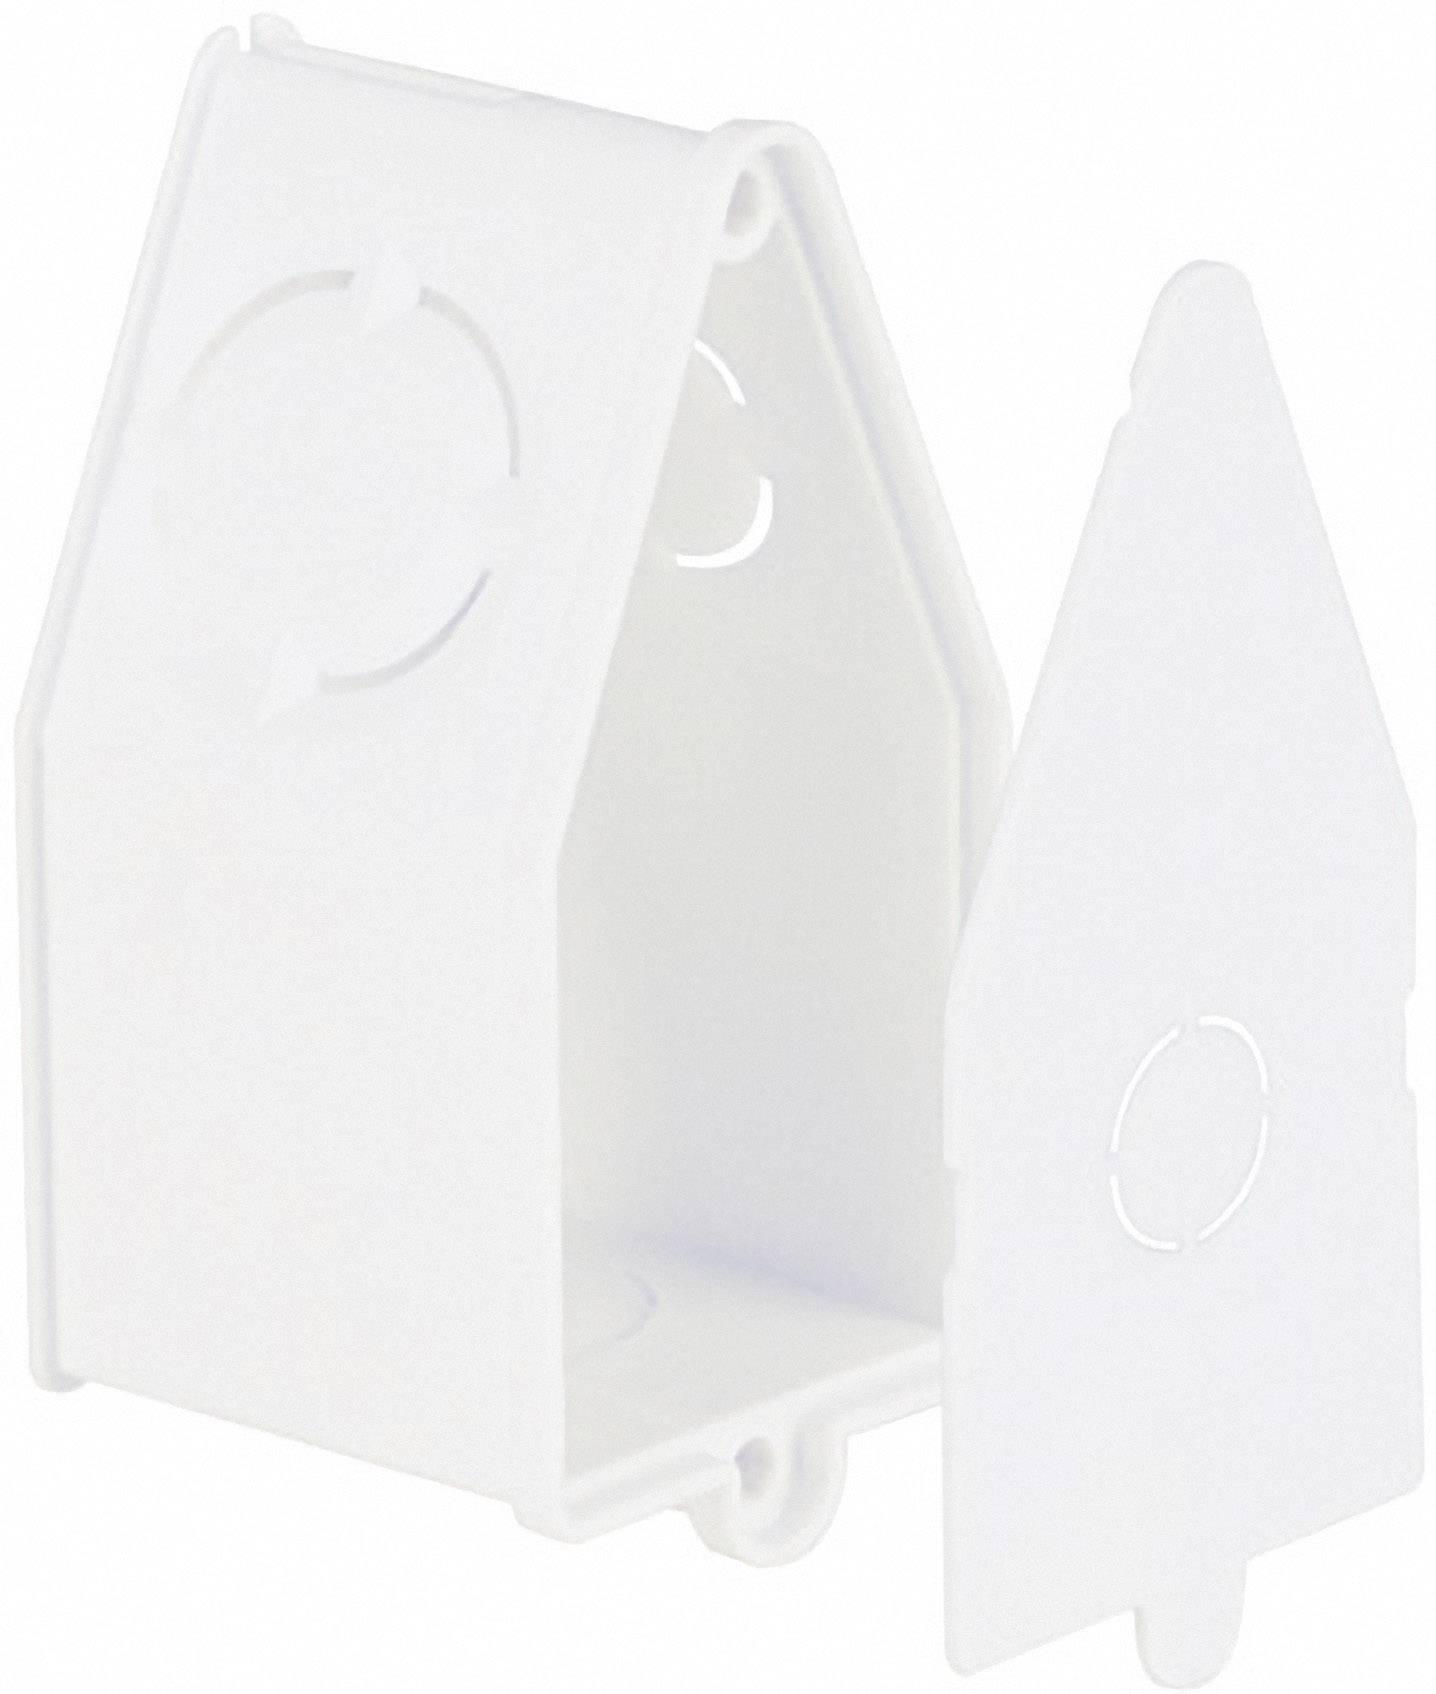 Připojovací krabice Kaiser Elektro 1048-00 pro nástěnná svítidla, s krytkou